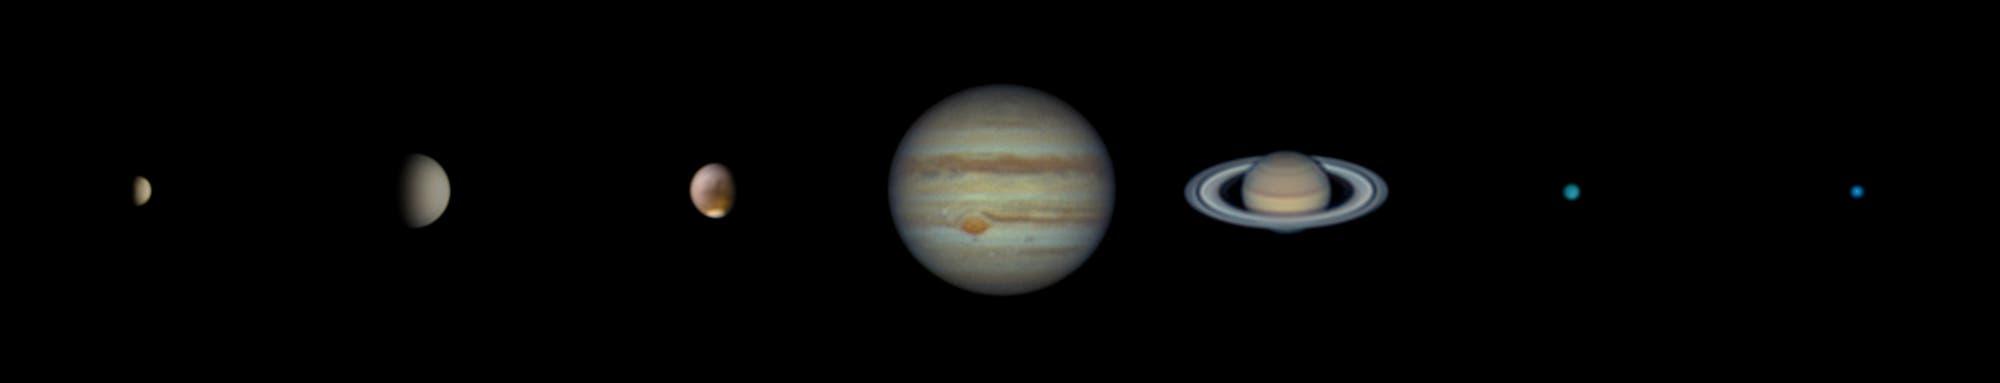 Sieben Planeten mit 5-Zoll-Teleskop